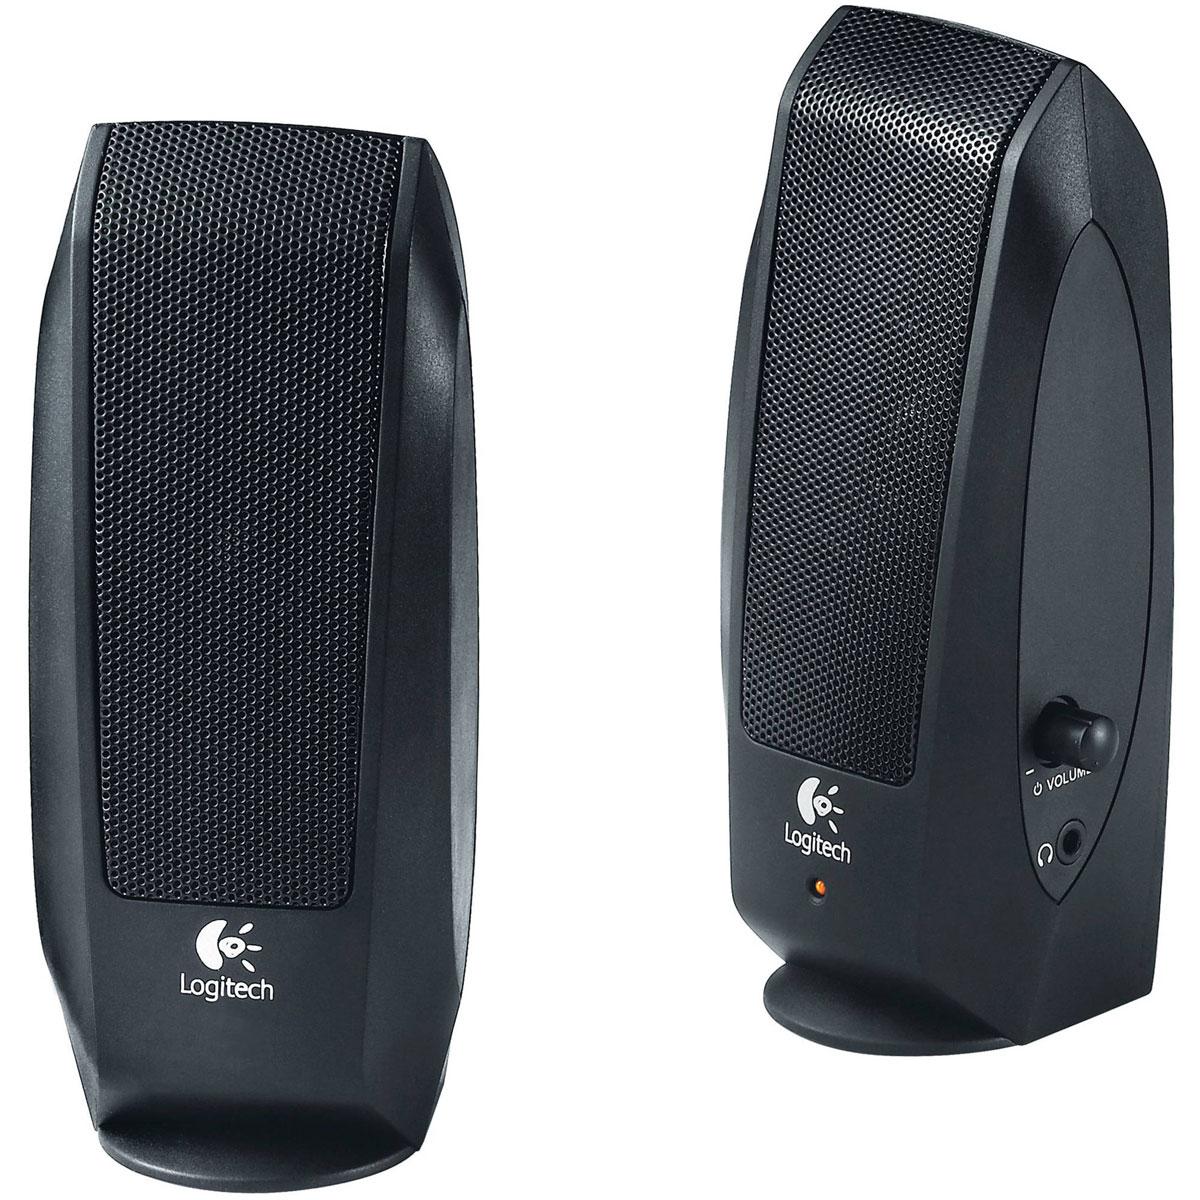 Logitech S120 Speaker System 2.0, Black колонки980-000010Две мультимедийные стереоколонки Logitech S120 дают чистый стереозвук с максимальной мощностью 2,3 Вт. Простое и удобное управление благодаря совмещению регулятора громкости и выключателя питания. Легкодоступный разъем для наушников на колонках S120 позволит вам насладиться музыкой в уединении. Длина шнура питания 1,5 м Кабель между колонками: 1,2 м